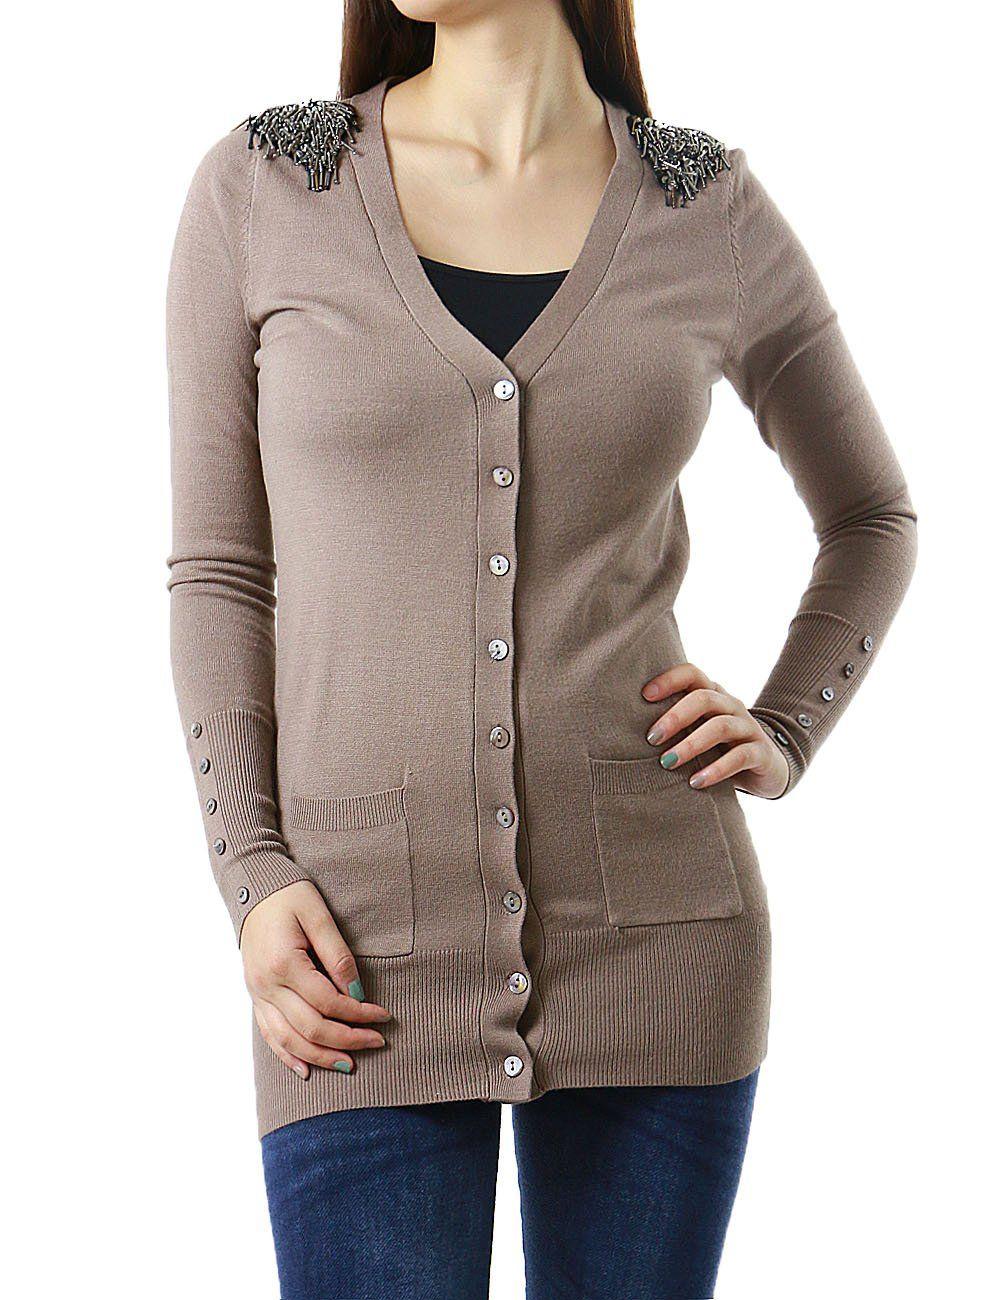 Shoulder Embellished Frontal Pockets Button Up Women's Cardigan ...